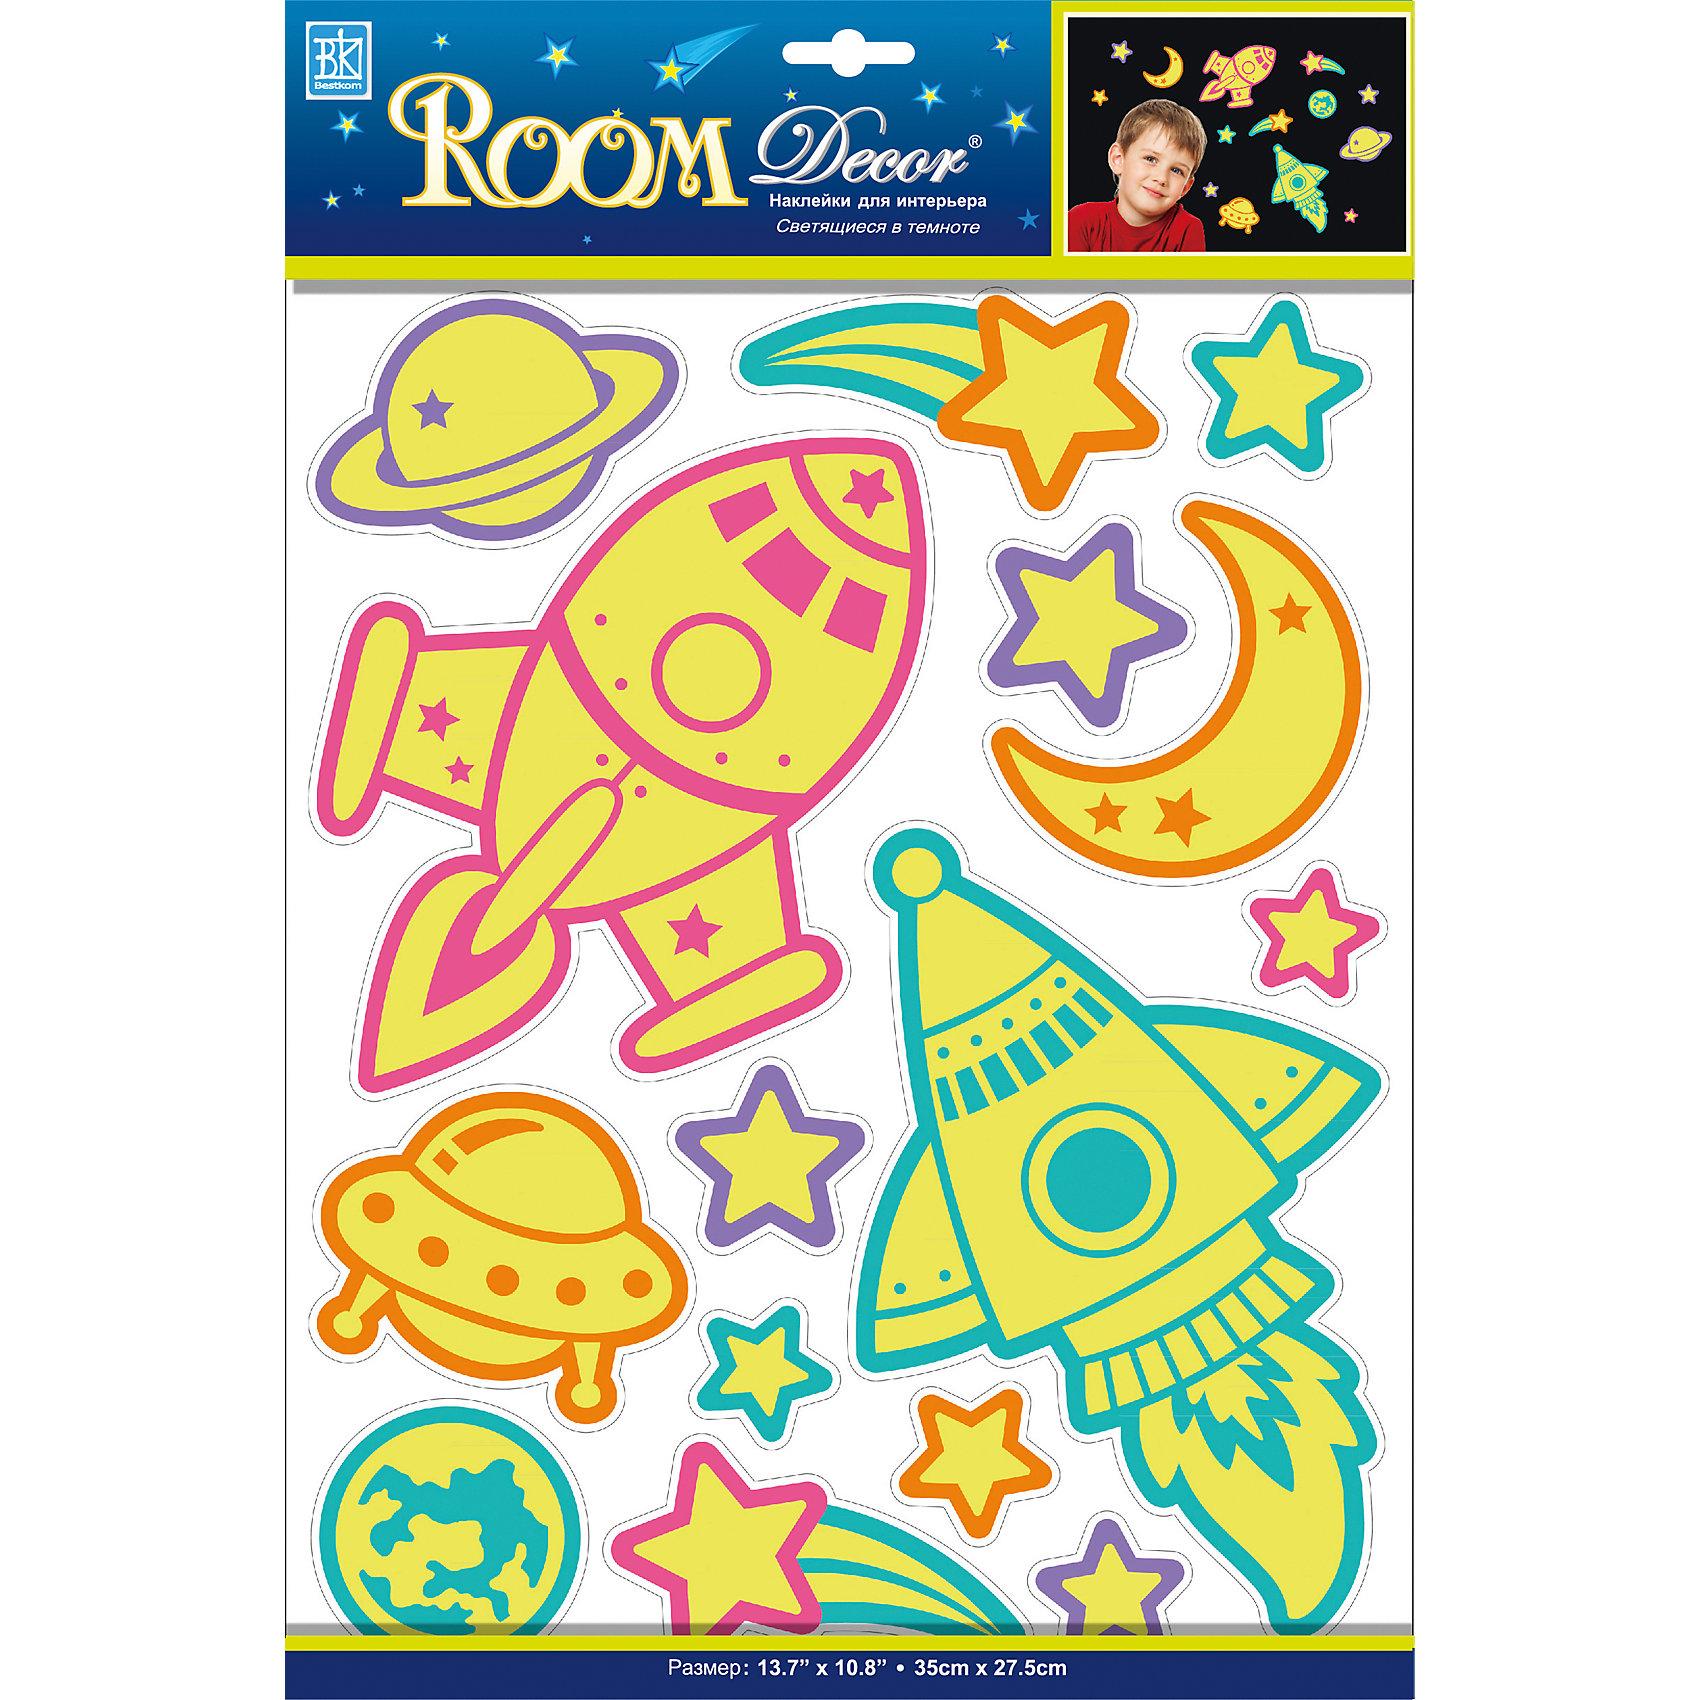 Наклейка Светящиеся ракеты REA 4603, Room DecorПредметы интерьера<br>Характеристики:<br><br>• Предназначение: декор комнаты<br>• Тематика наклеек: космос<br>• Материал: картон, ПВХ<br>• Комплектация: 7 элементов<br>• Декоративные элементы: блестки<br>• Светящиеся в темноте<br>• Форма: многослойные<br>• Клейкая поверхность крепится на окрашенные стены, обои, двери, деревянные панели, стекло<br>• Не повреждают поверхность<br>• Устойчивы к выцветанию и истиранию<br>• Повышенные влагостойкие свойства<br>• Размеры (Д*Ш*В): 30,5*7*31,5 см<br>• Вес: 40 г<br>• Упаковка: блистер<br><br>Все наклейки выполнены из безопасного и нетоксичного материала – ПВХ. Прочная клеевая основа обеспечивает надежное прикрепление практически к любому виду горизонтальной или вертикальной поверхности, при этом не деформируя и не повреждая ее. Наклейки обладают влагоустойчивыми свойствами, поэтому они хорошо переносят влажную уборку. <br><br>Наклейка Светящиеся ракеты REA 4603, Room Decor состоит из набора, в который входят 7 элементов с изображением ракет, звезд и планет. Картинки светятся в темноте.<br><br>Наклейку Светящиеся ракеты REA 4603, Room Decor можно купить в нашем интернет-магазине.<br><br>Ширина мм: 305<br>Глубина мм: 70<br>Высота мм: 315<br>Вес г: 40<br>Возраст от месяцев: 36<br>Возраст до месяцев: 168<br>Пол: Унисекс<br>Возраст: Детский<br>SKU: 5513055